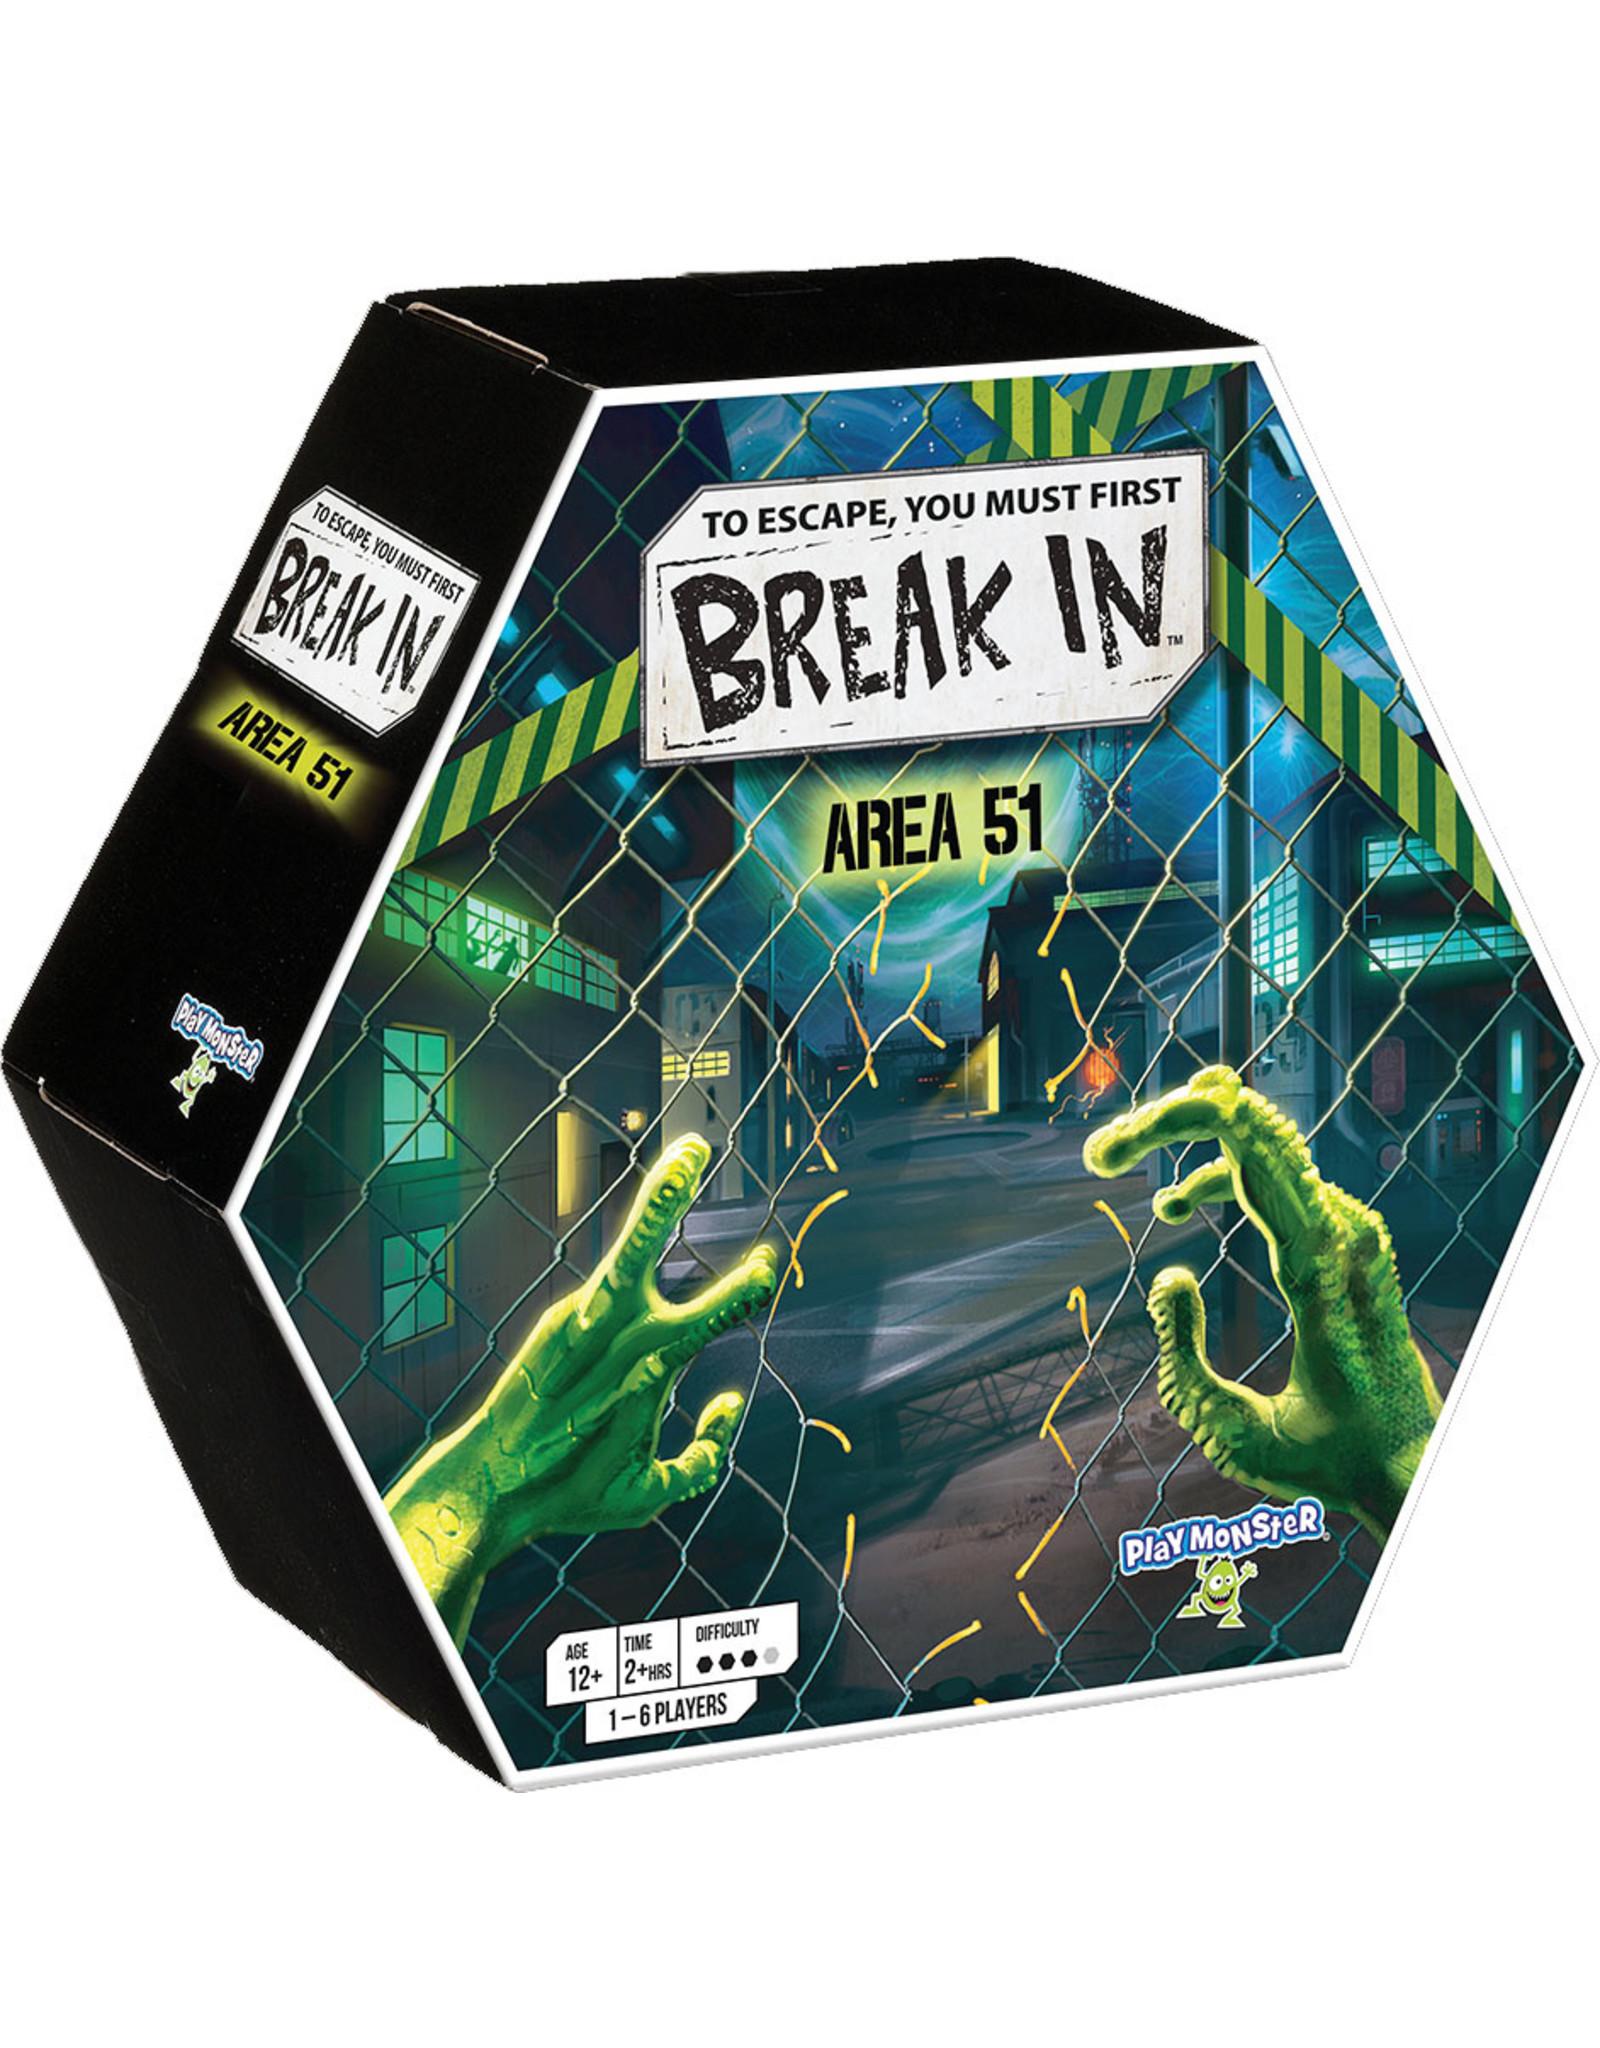 Break In: Area 51